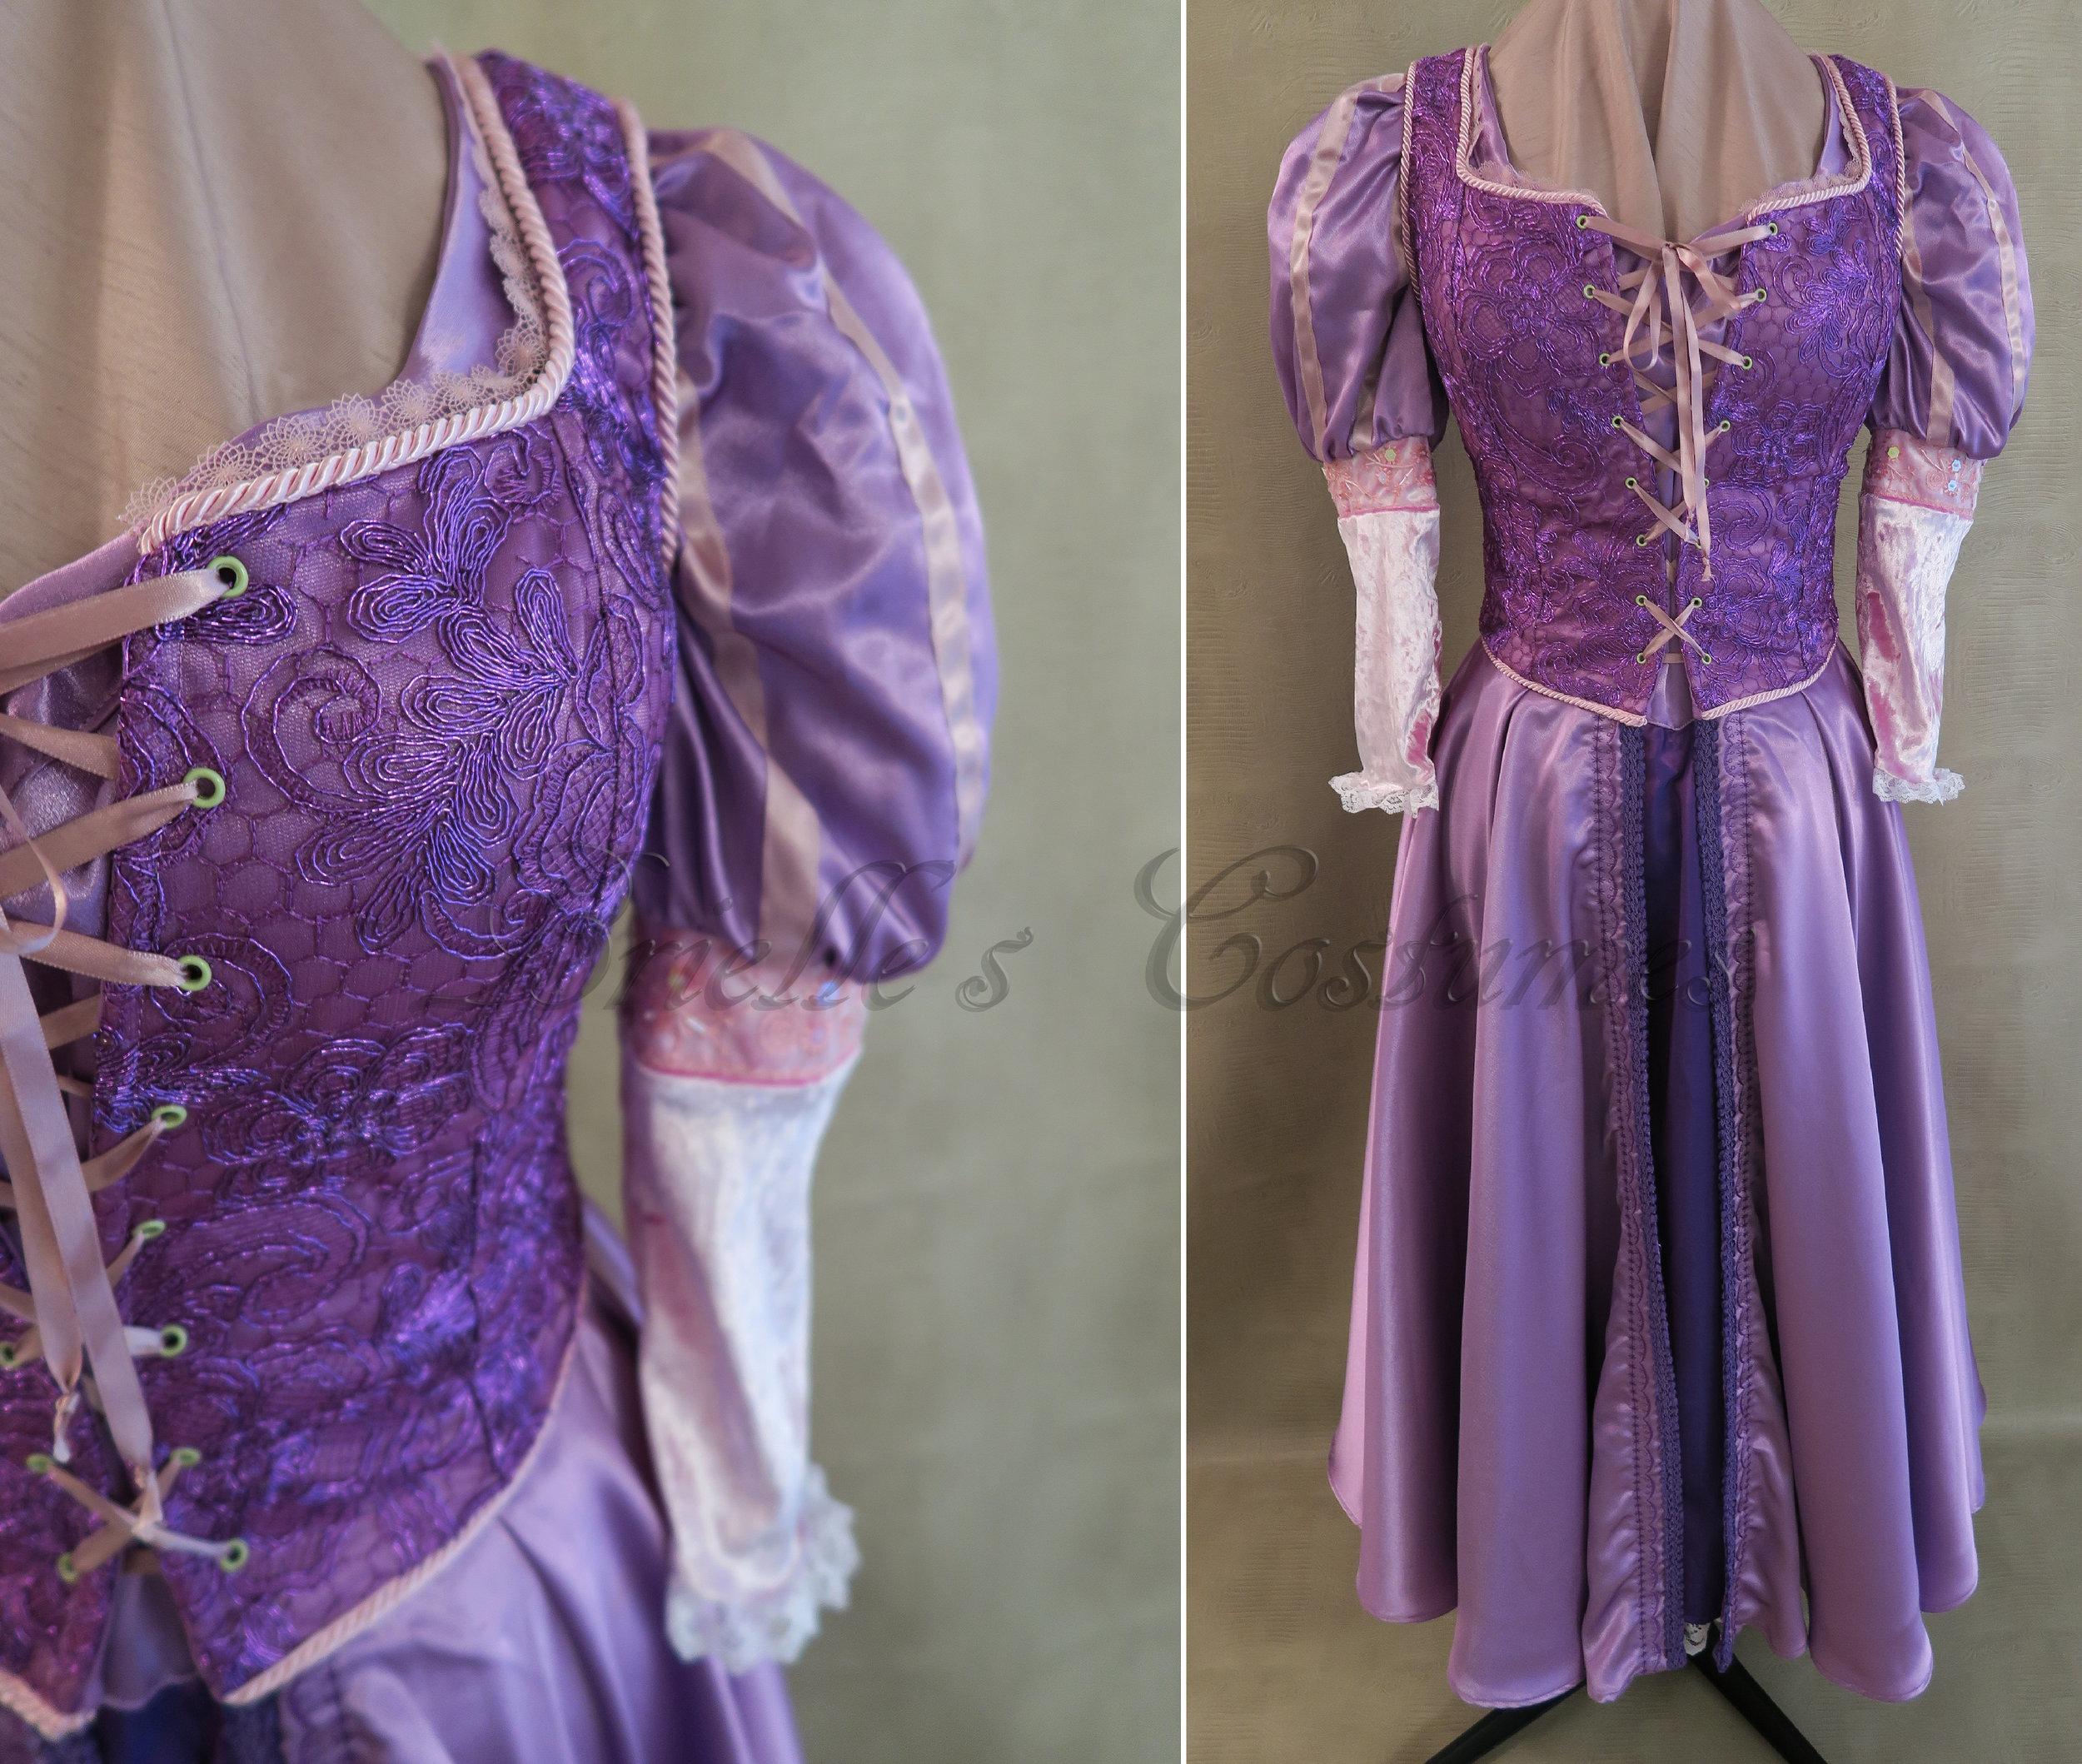 Disneybound Brielle Costumes